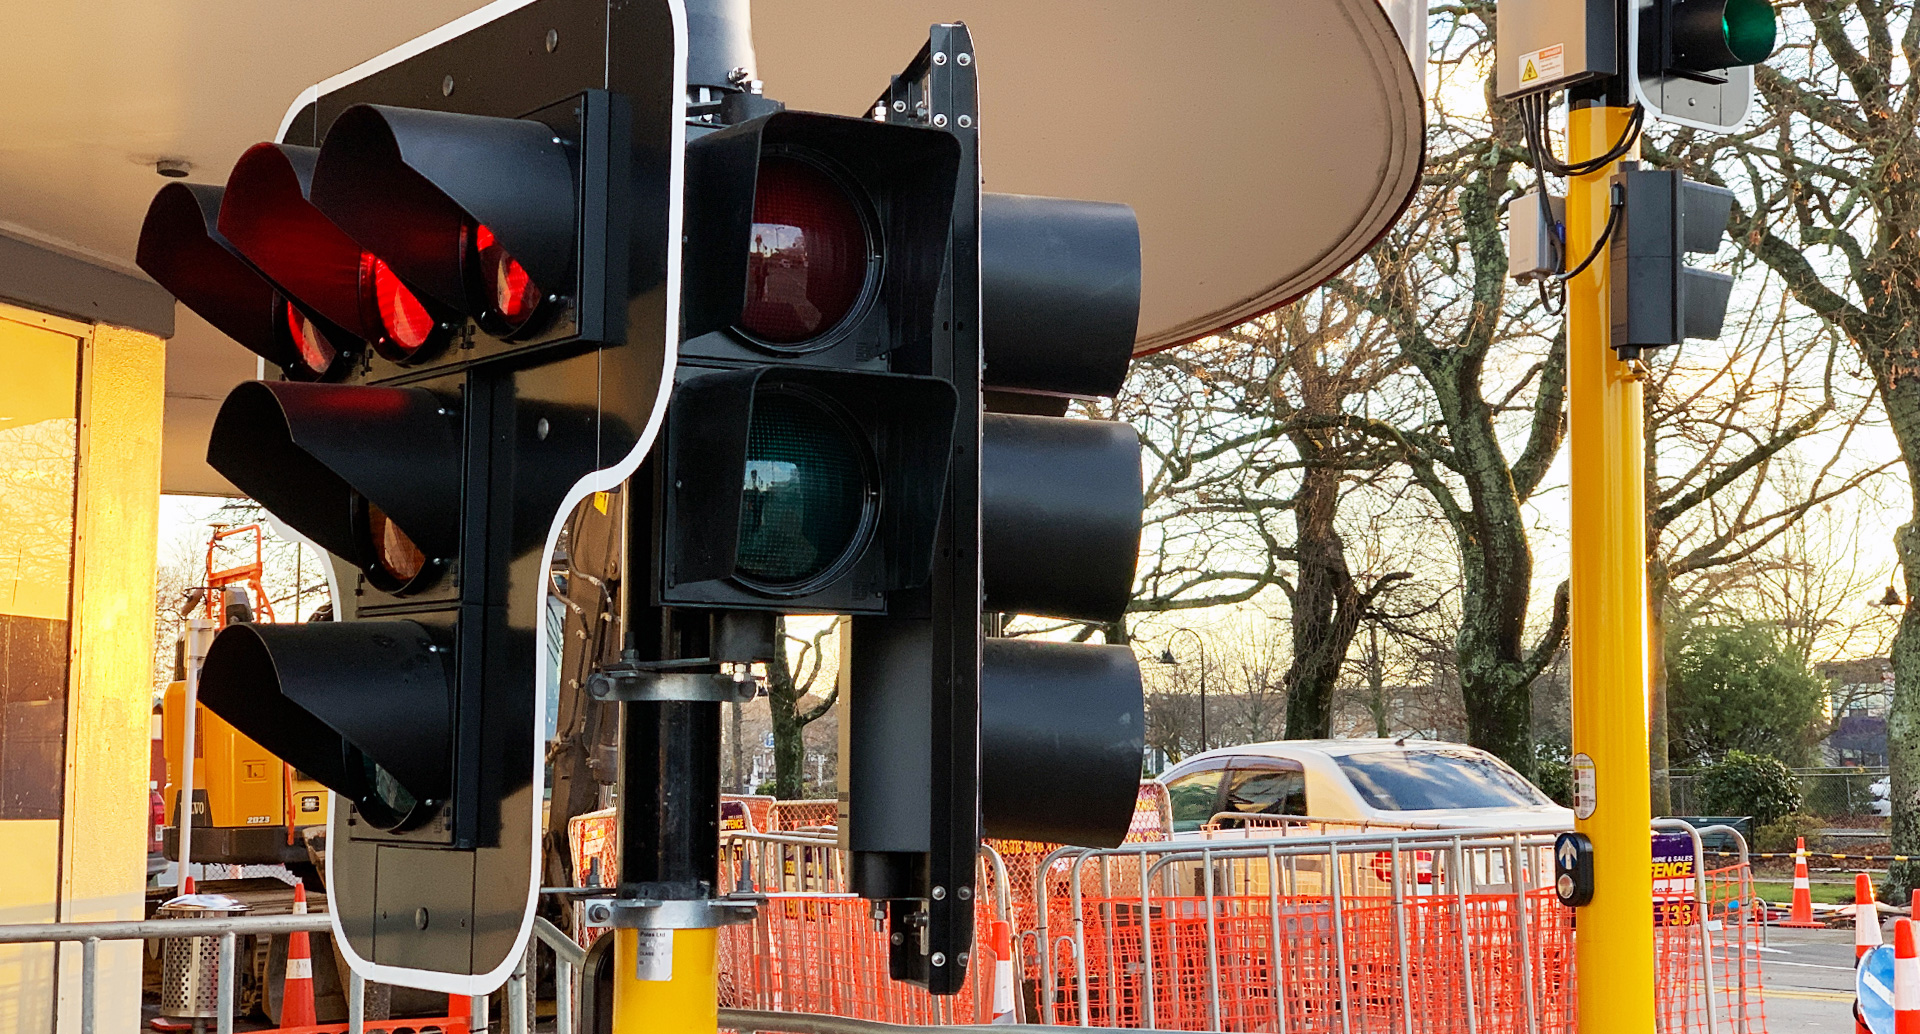 Short Traffic Light at CBD intersection